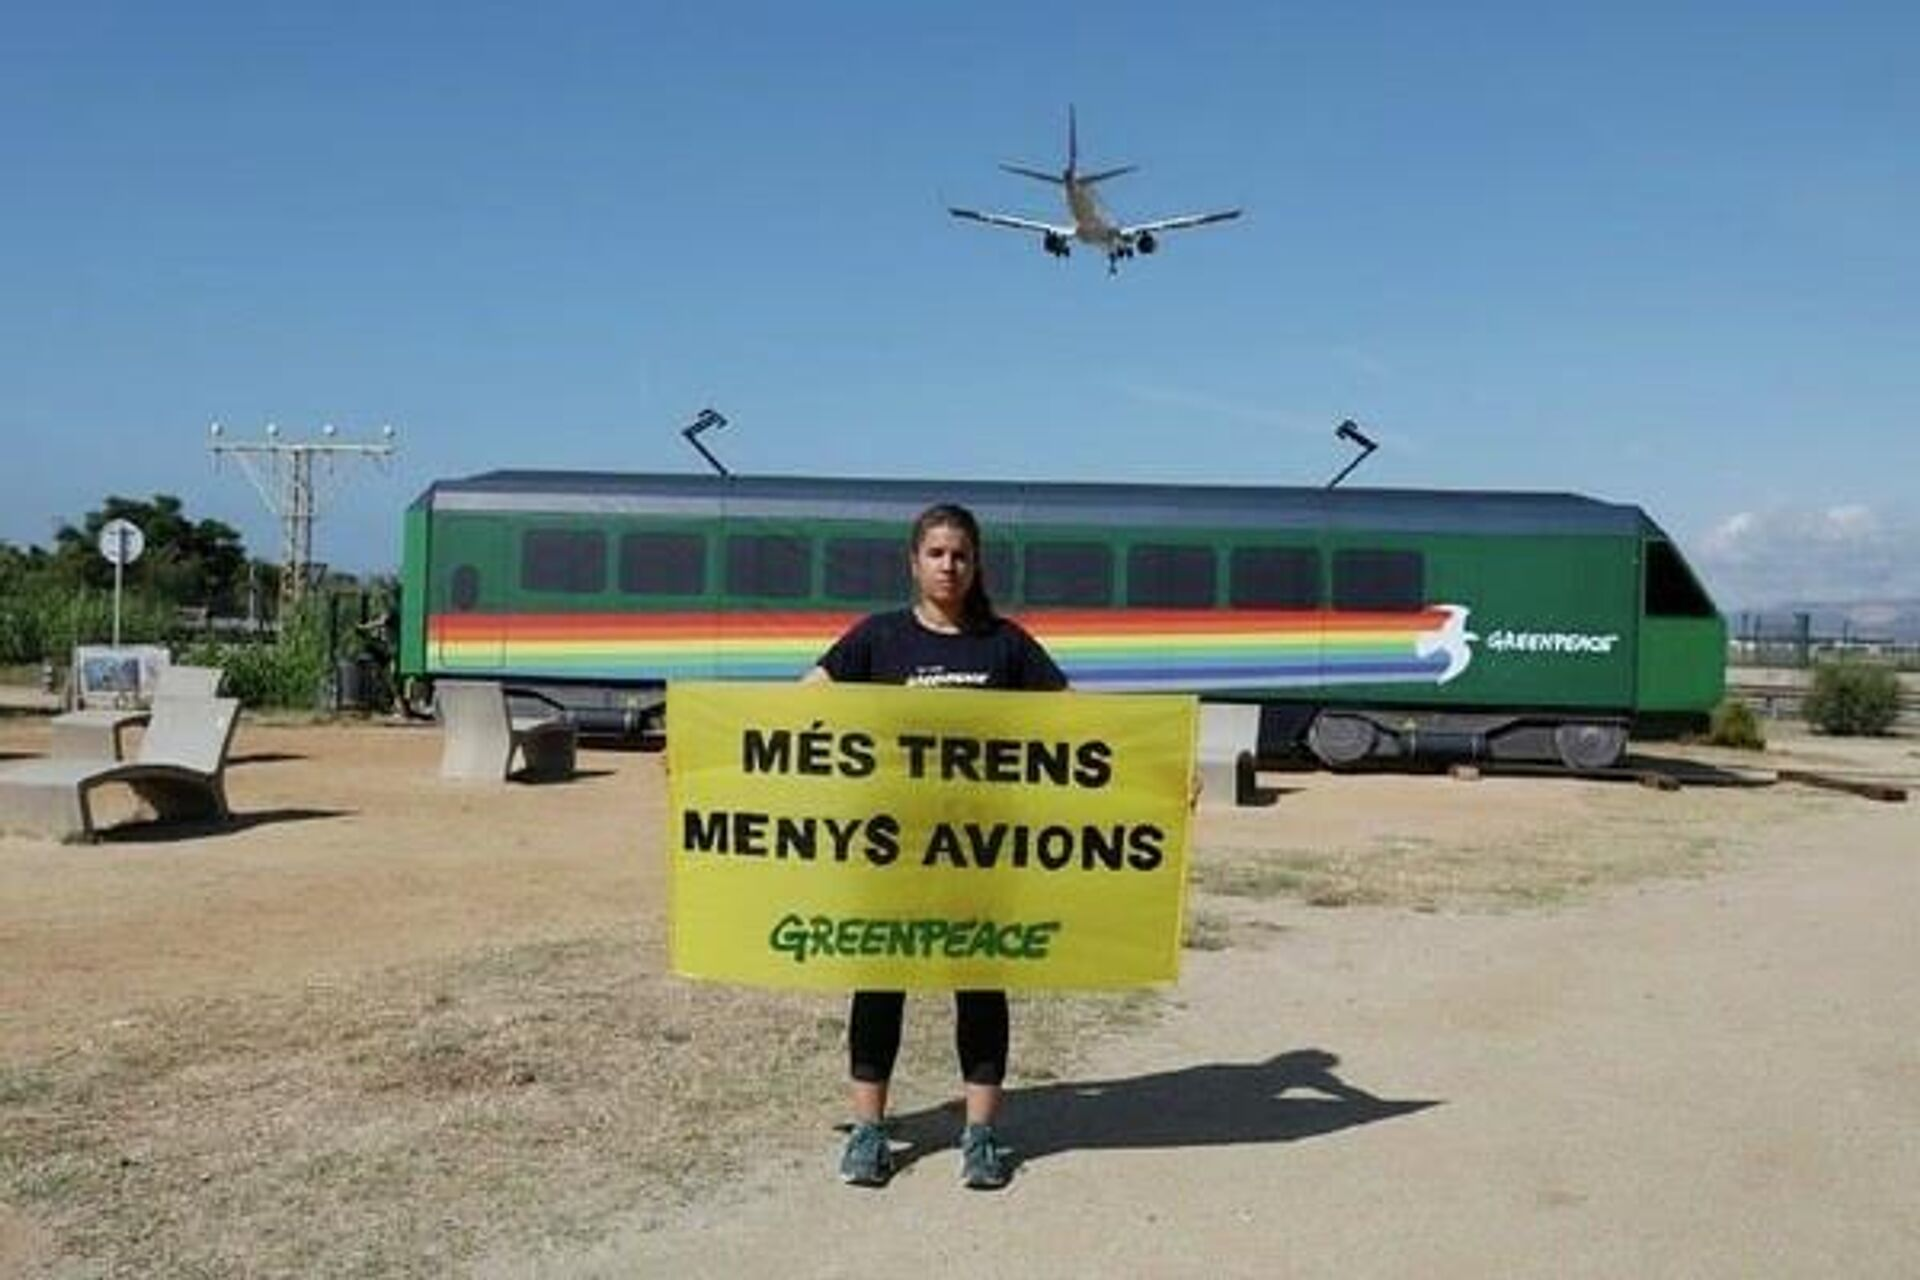 Greenpeace lleva un vagón al Aeropuerto de Barcelona para exigir más trenes y menos aviones, el 8 de junio de 2021 - Sputnik Mundo, 1920, 09.08.2021